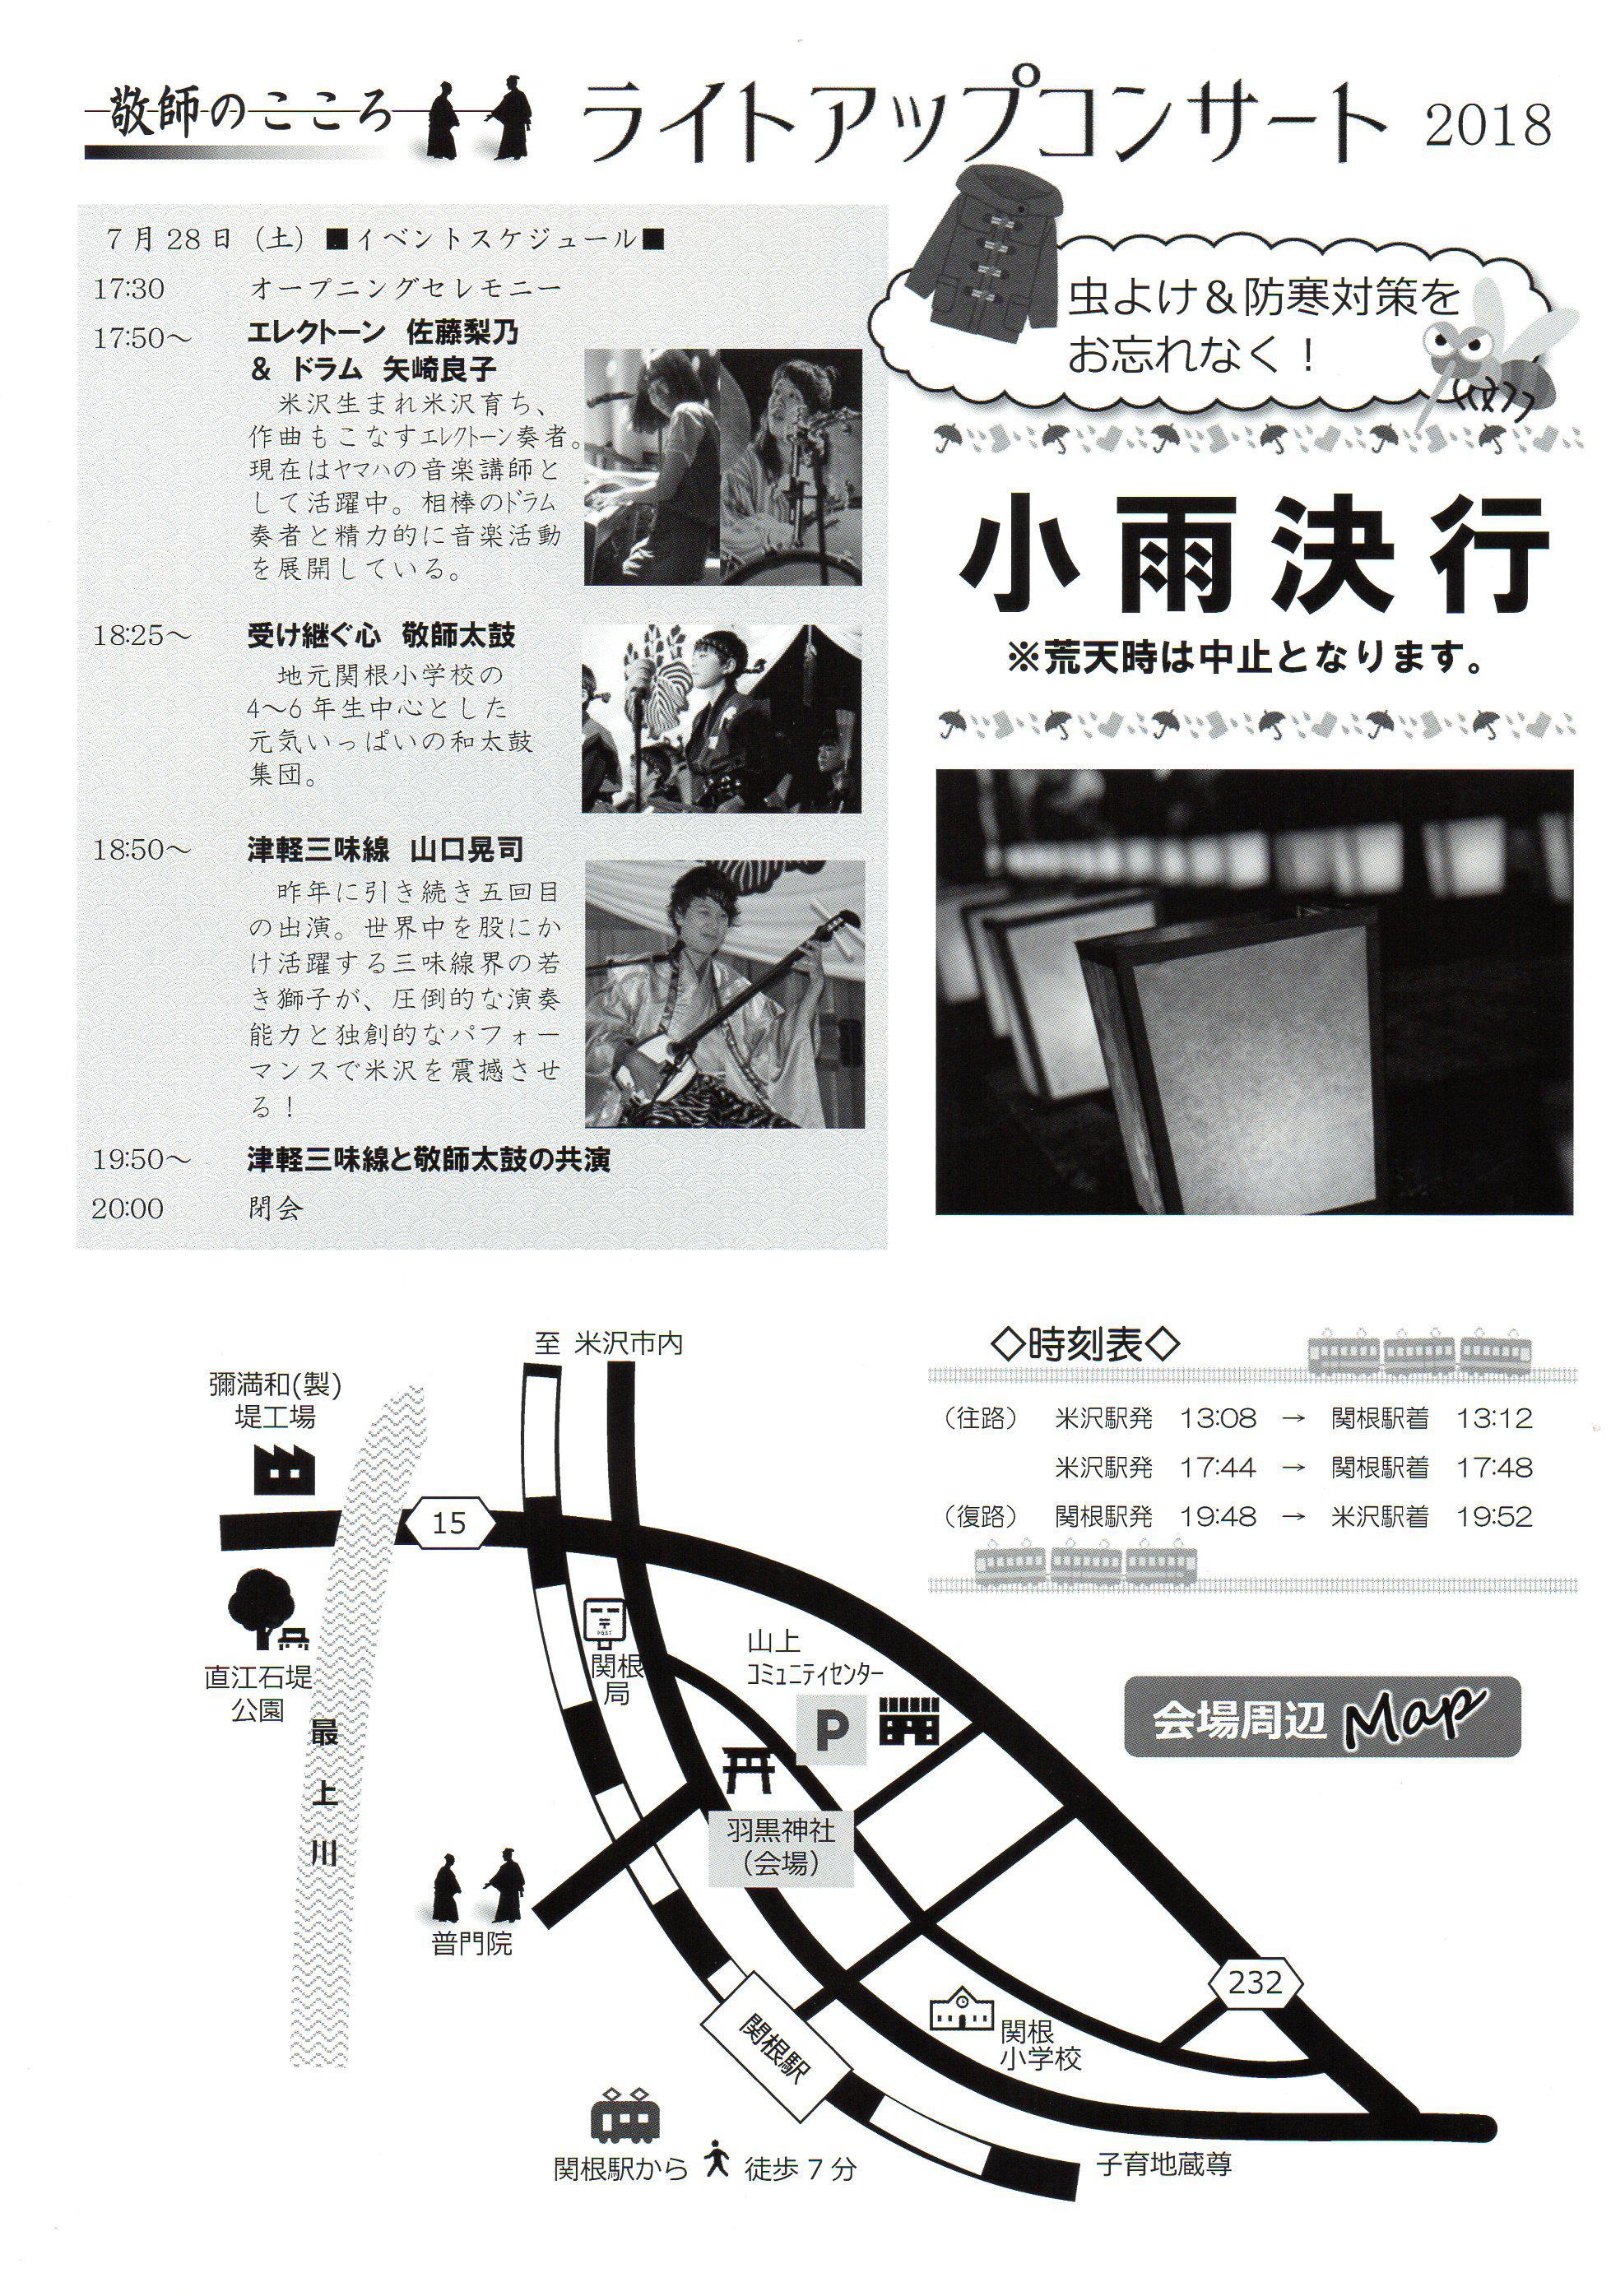 米沢敬師のこころライトアップコンサート